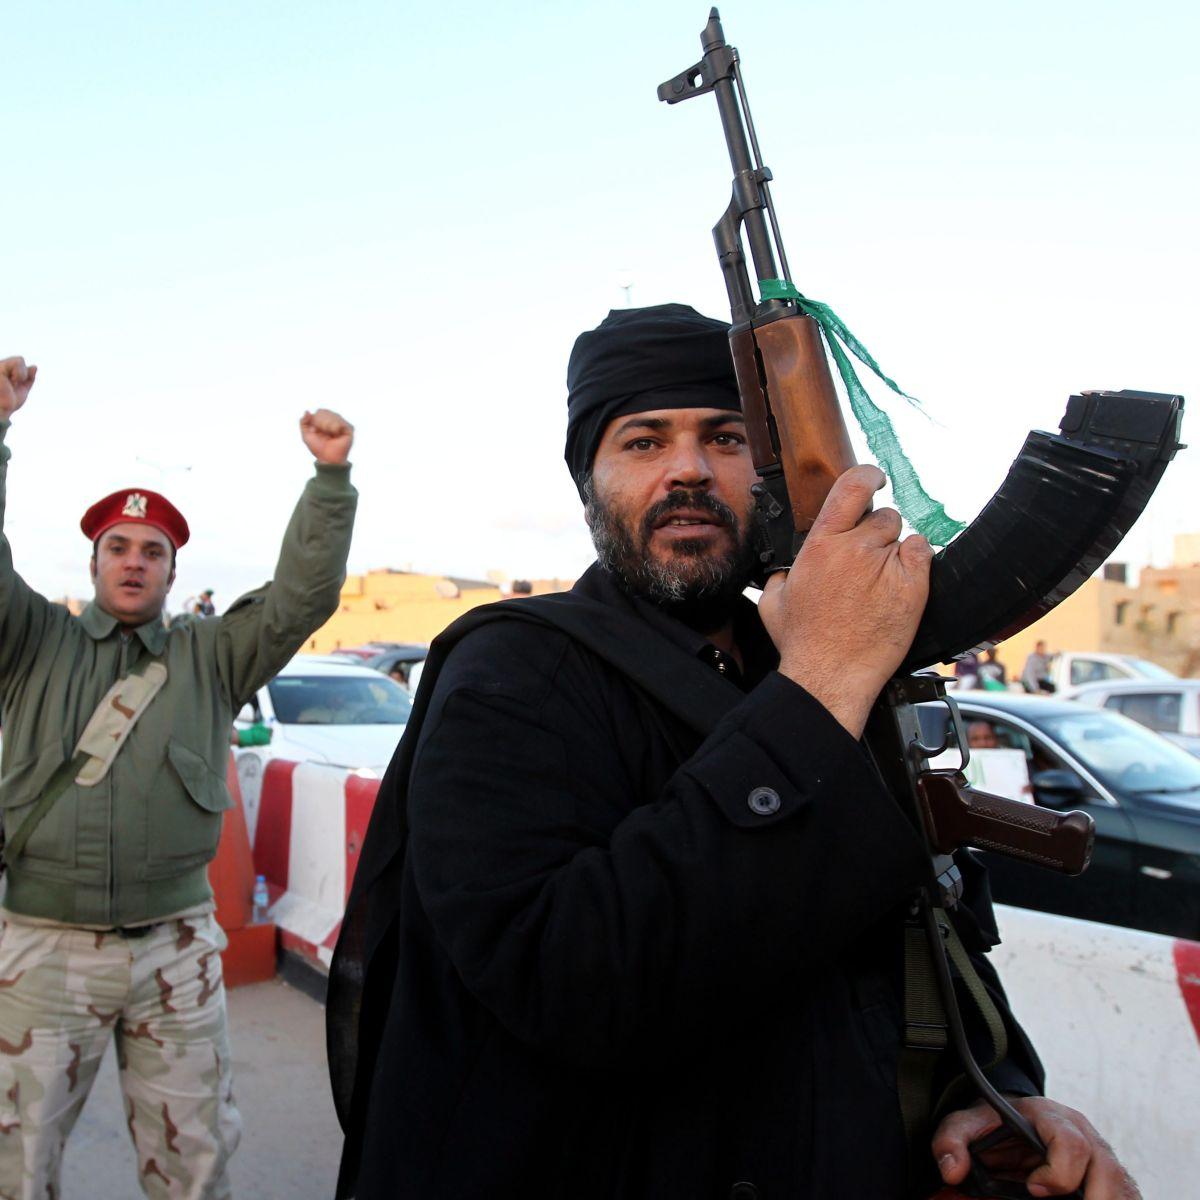 Отвлякоха 4-ма журналисти в Либия, двама са ранени